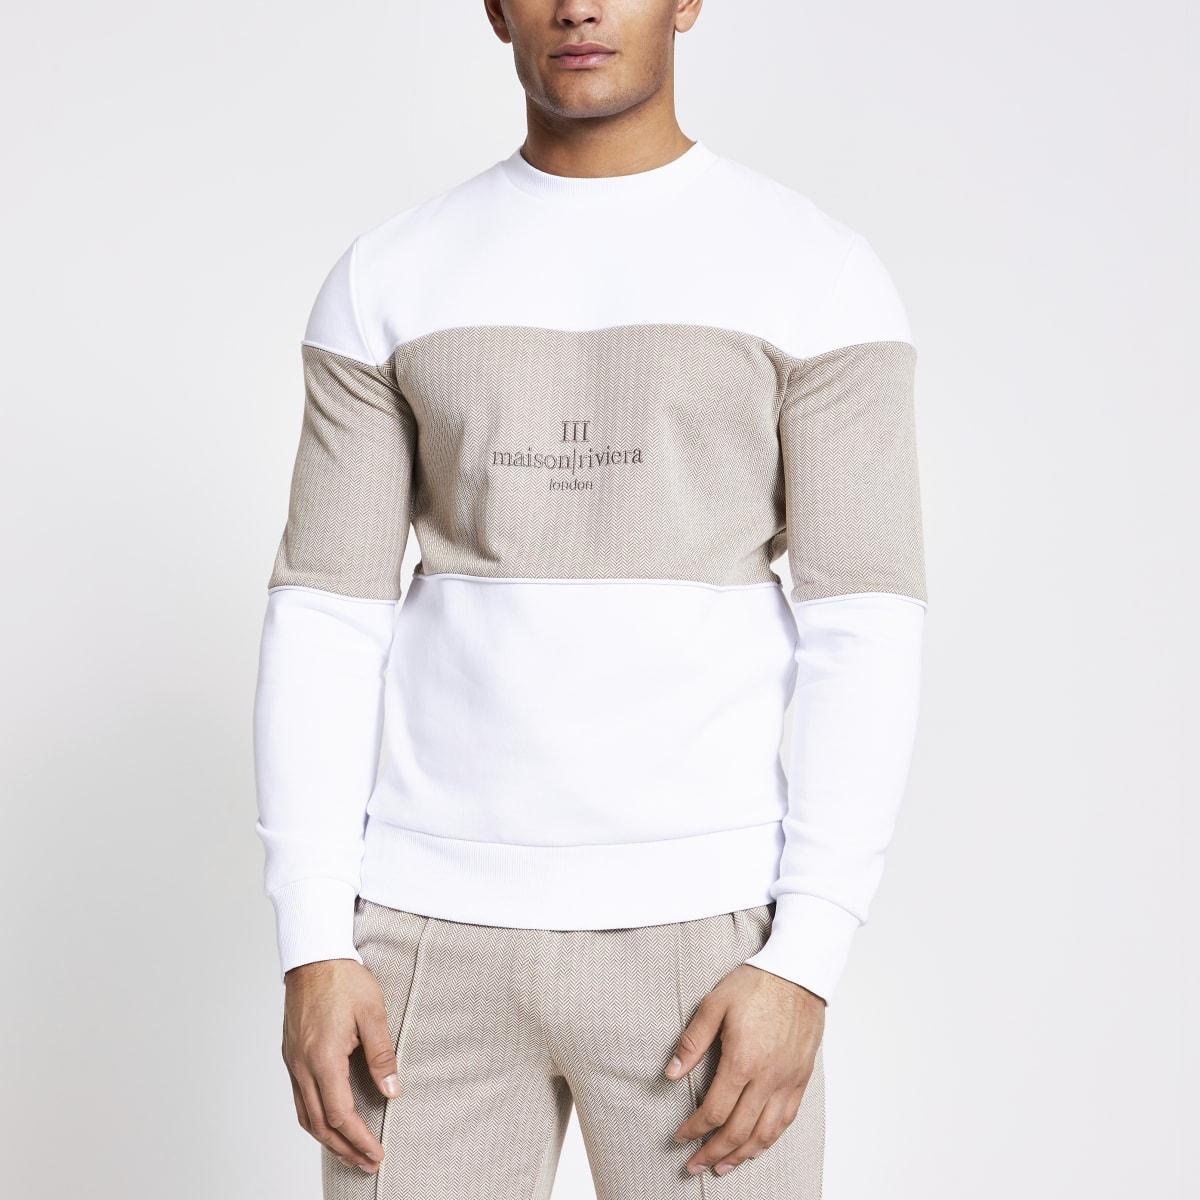 Maison Riviera white blocked sweatshirt